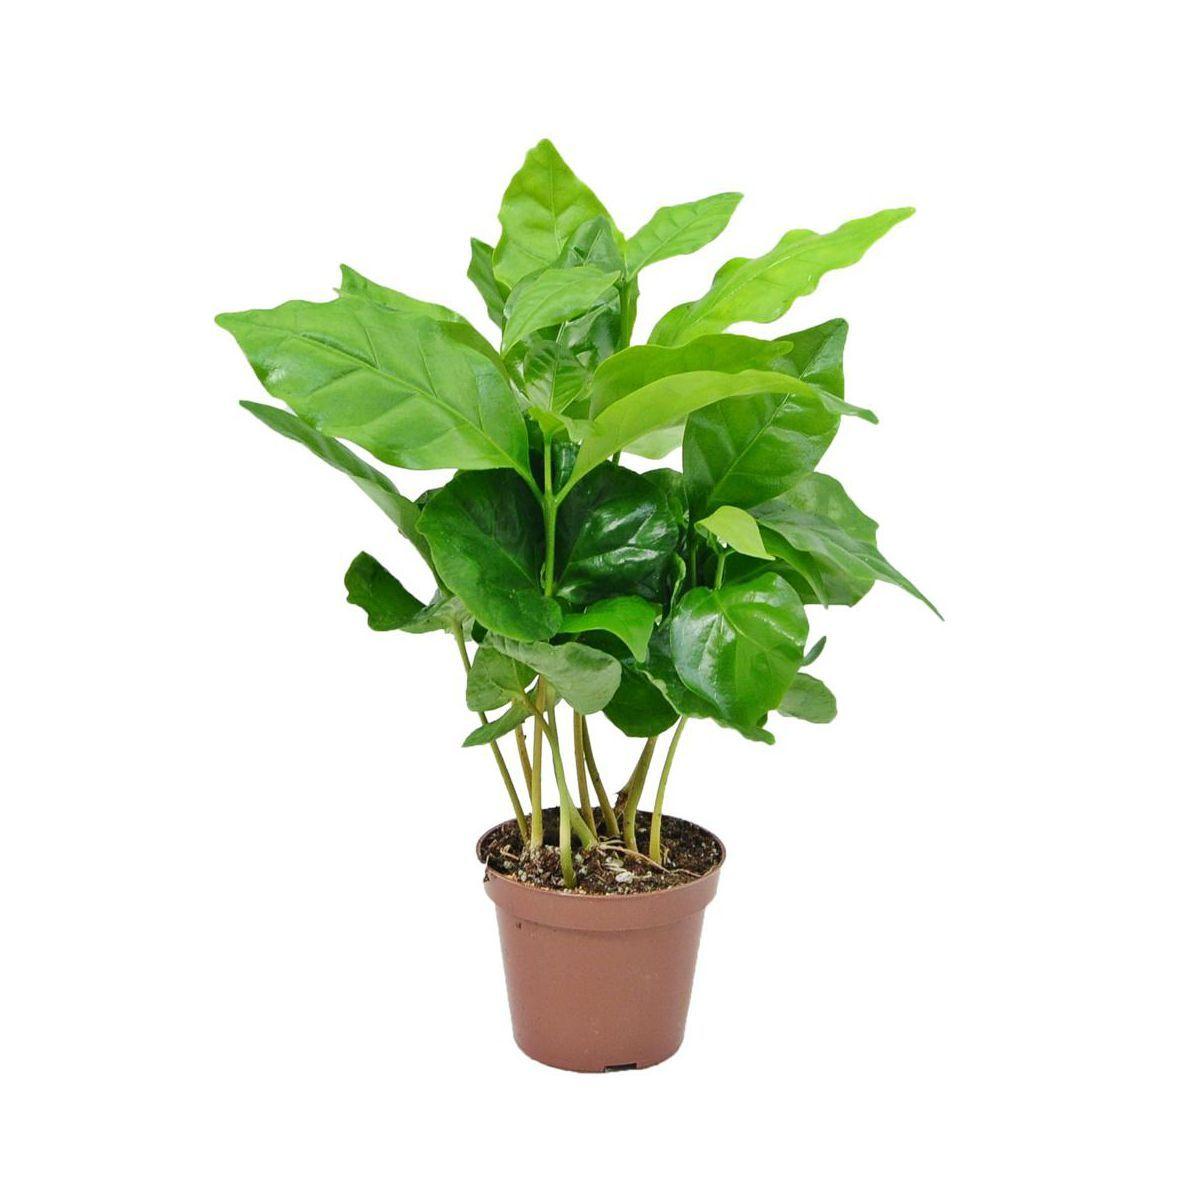 Kawa Coffea Arabica 15 Cm Kwiaty Doniczkowe W Atrakcyjnej Cenie W Sklepach Leroy Merlin Coffea Arabica Plants Coffea